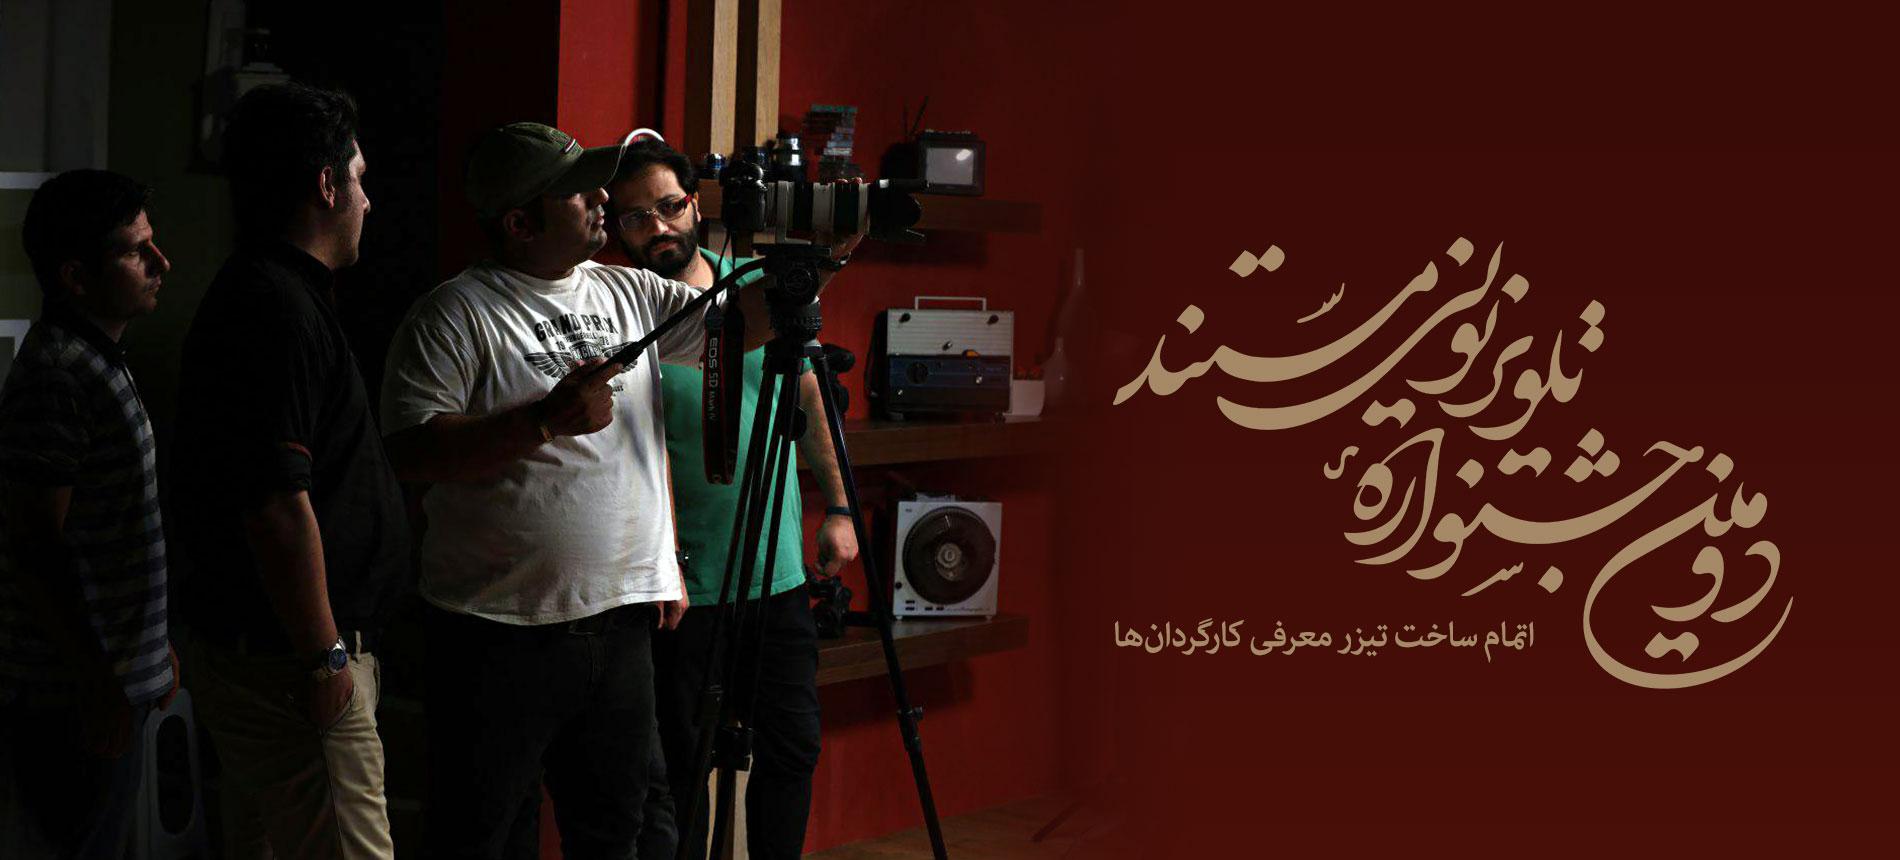 پایان ضبط آیتم های معرفی کارگردانان دومین جشنواره تلویزیونی مستند